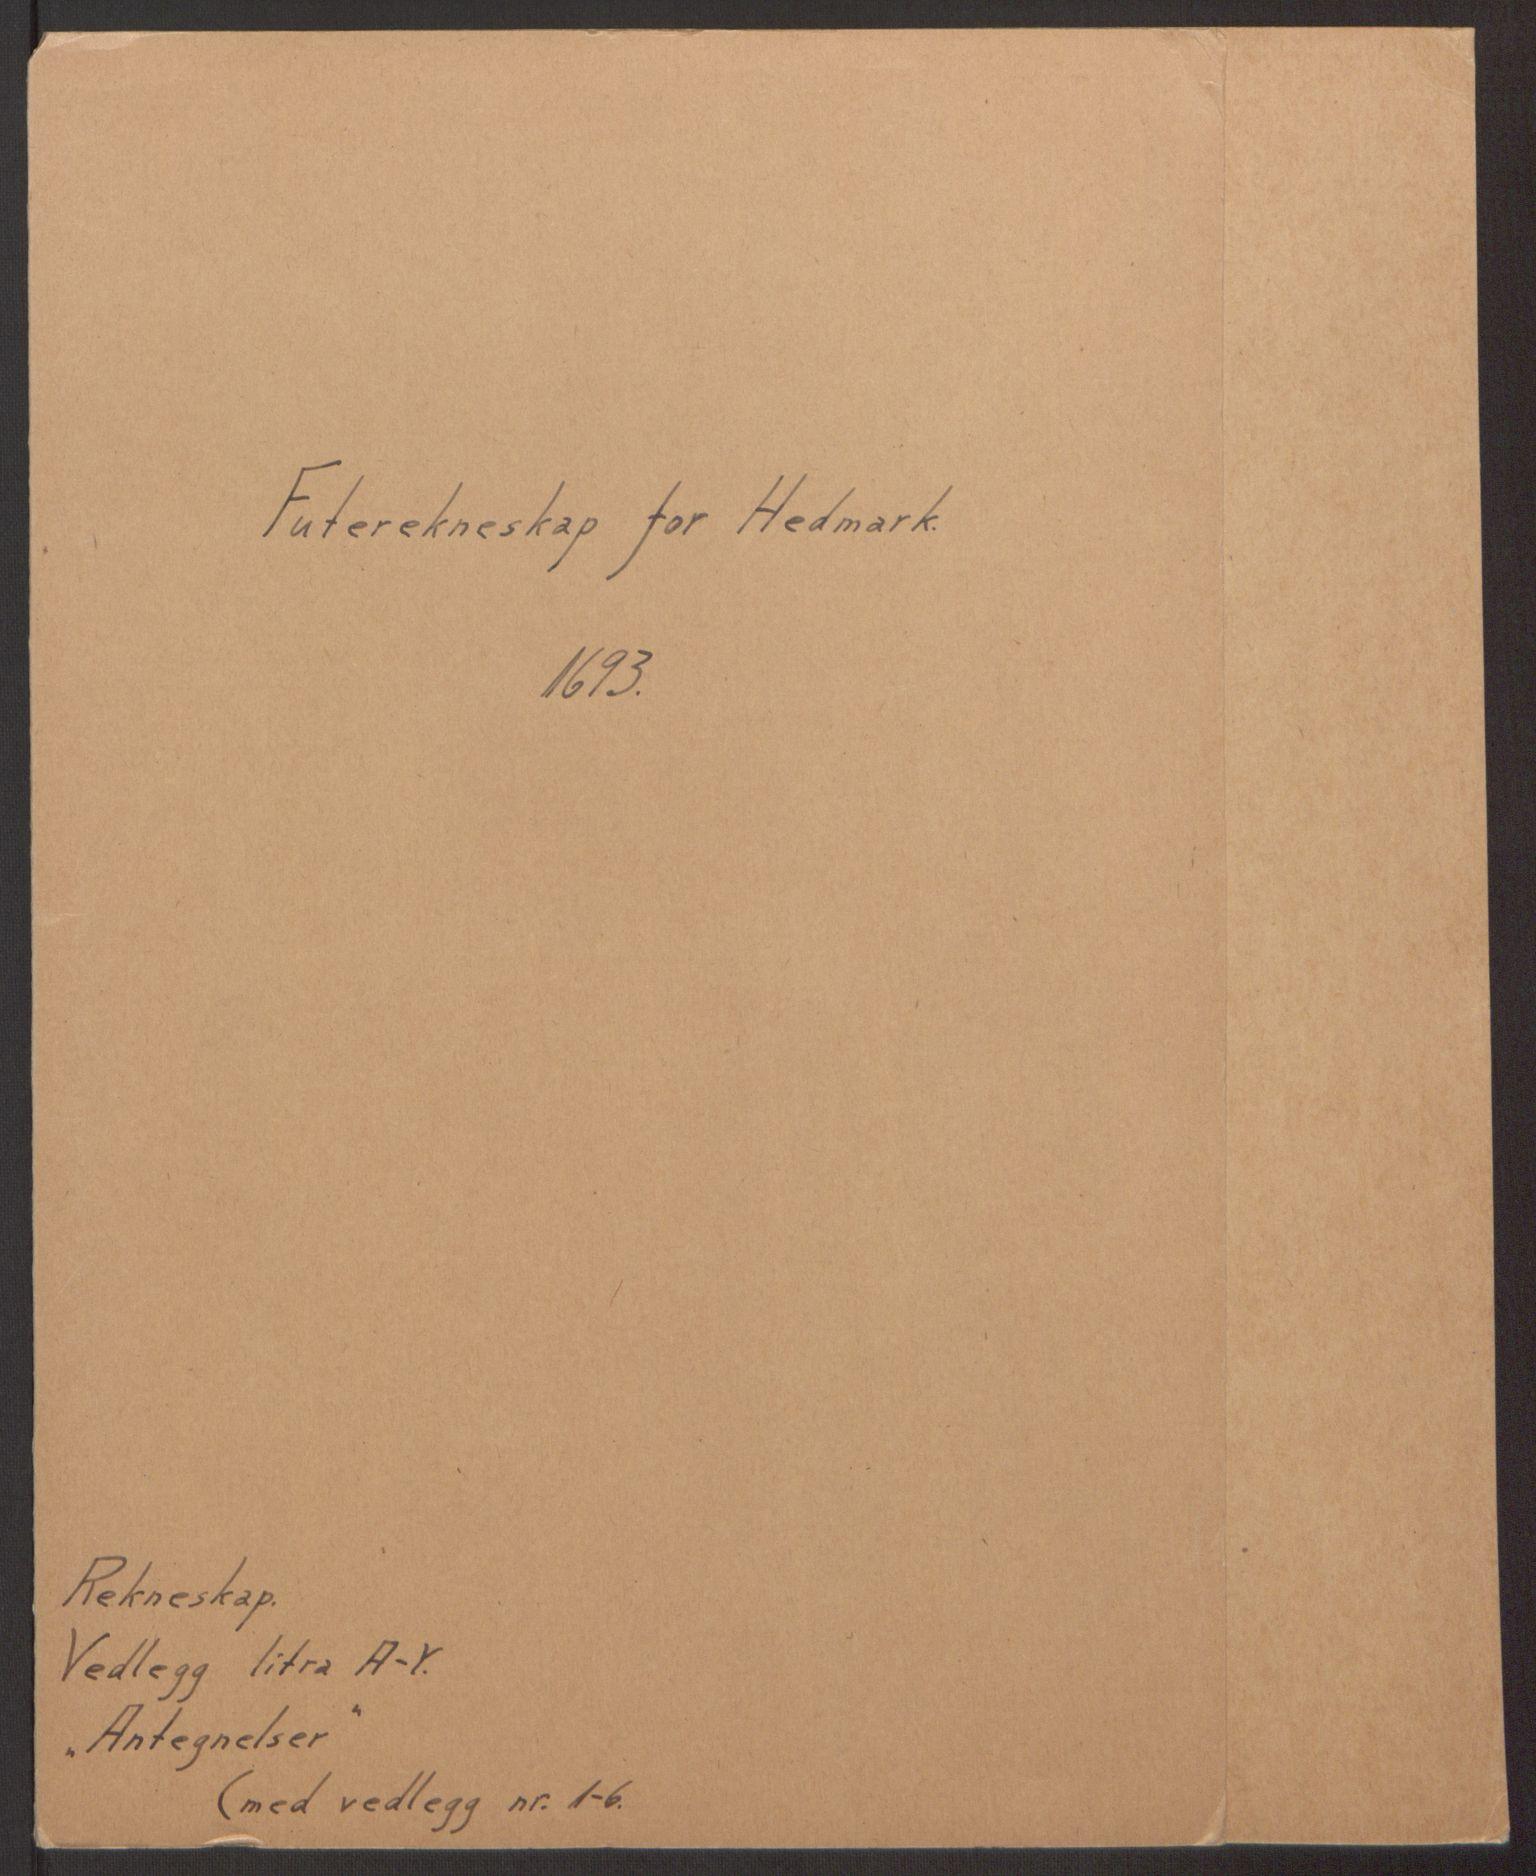 RA, Rentekammeret inntil 1814, Reviderte regnskaper, Fogderegnskap, R16/L1034: Fogderegnskap Hedmark, 1693, s. 2